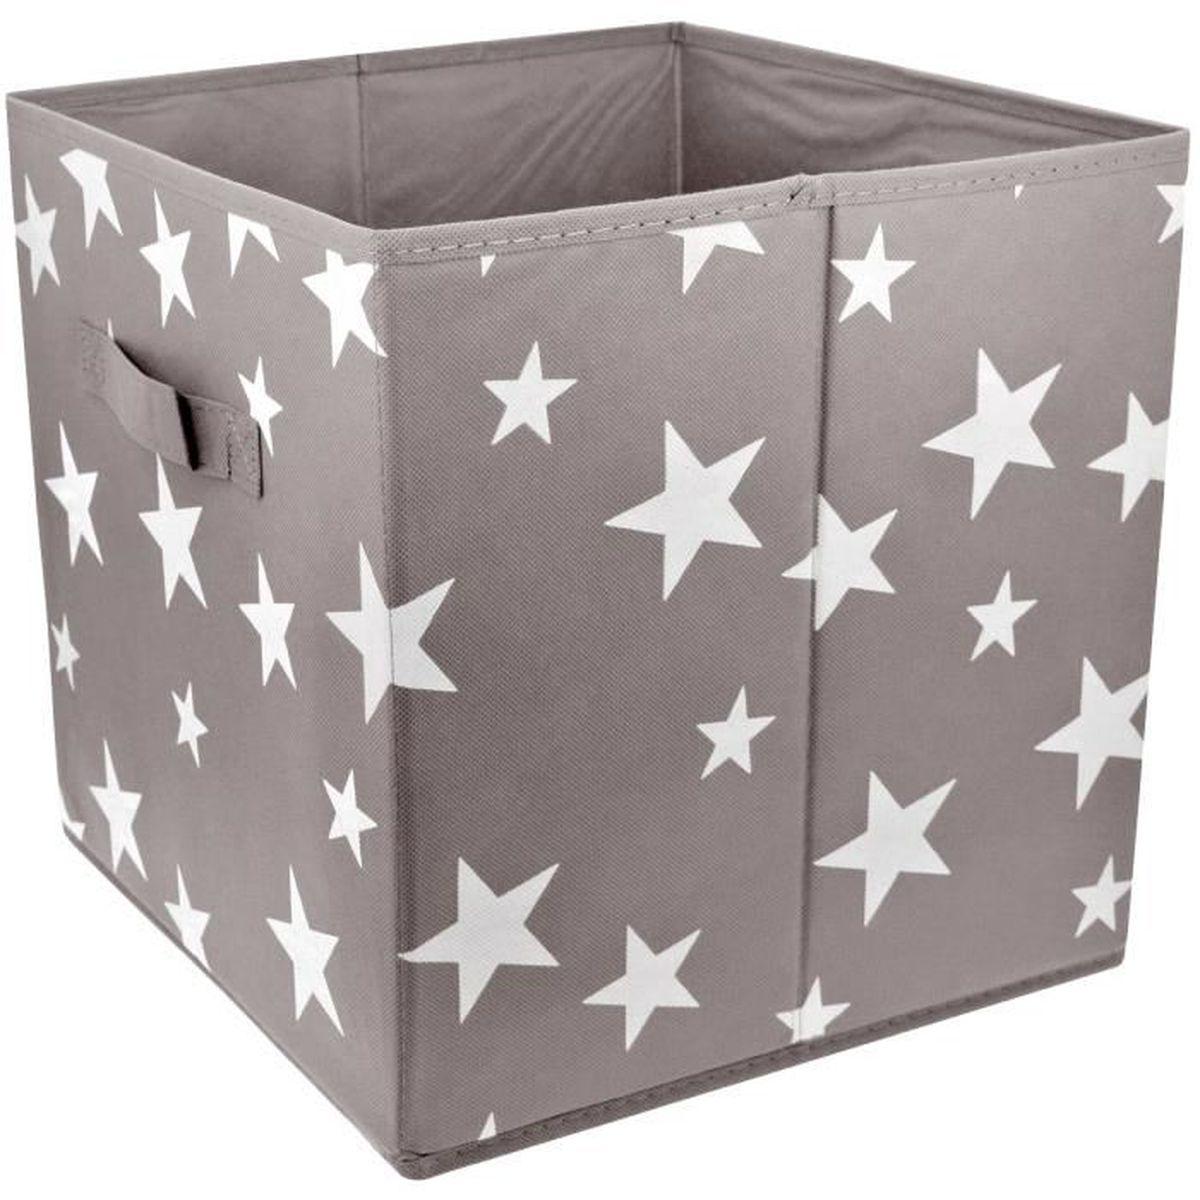 cube panier de rangement pliable avec poign e d co etoile. Black Bedroom Furniture Sets. Home Design Ideas